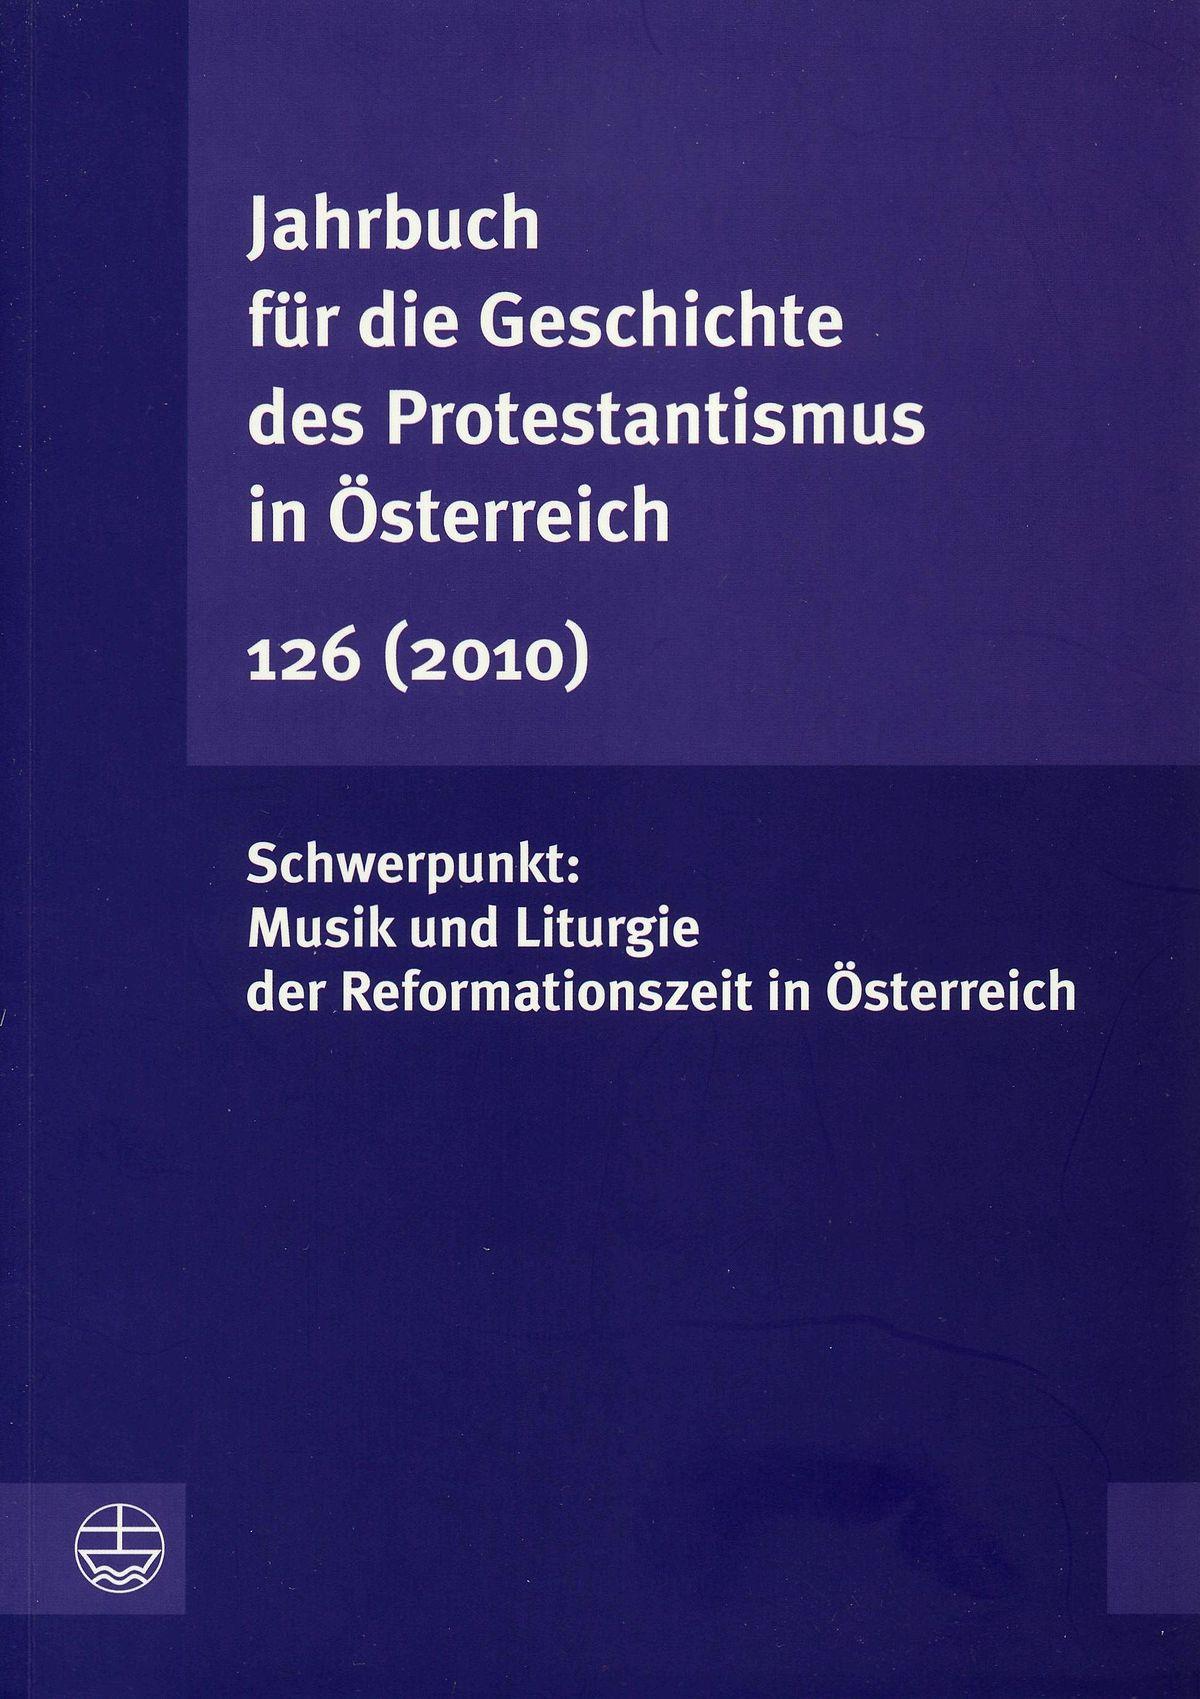 Ziemlich Jahrbuch Vorlagen Zeitgenössisch - Beispielzusammenfassung ...